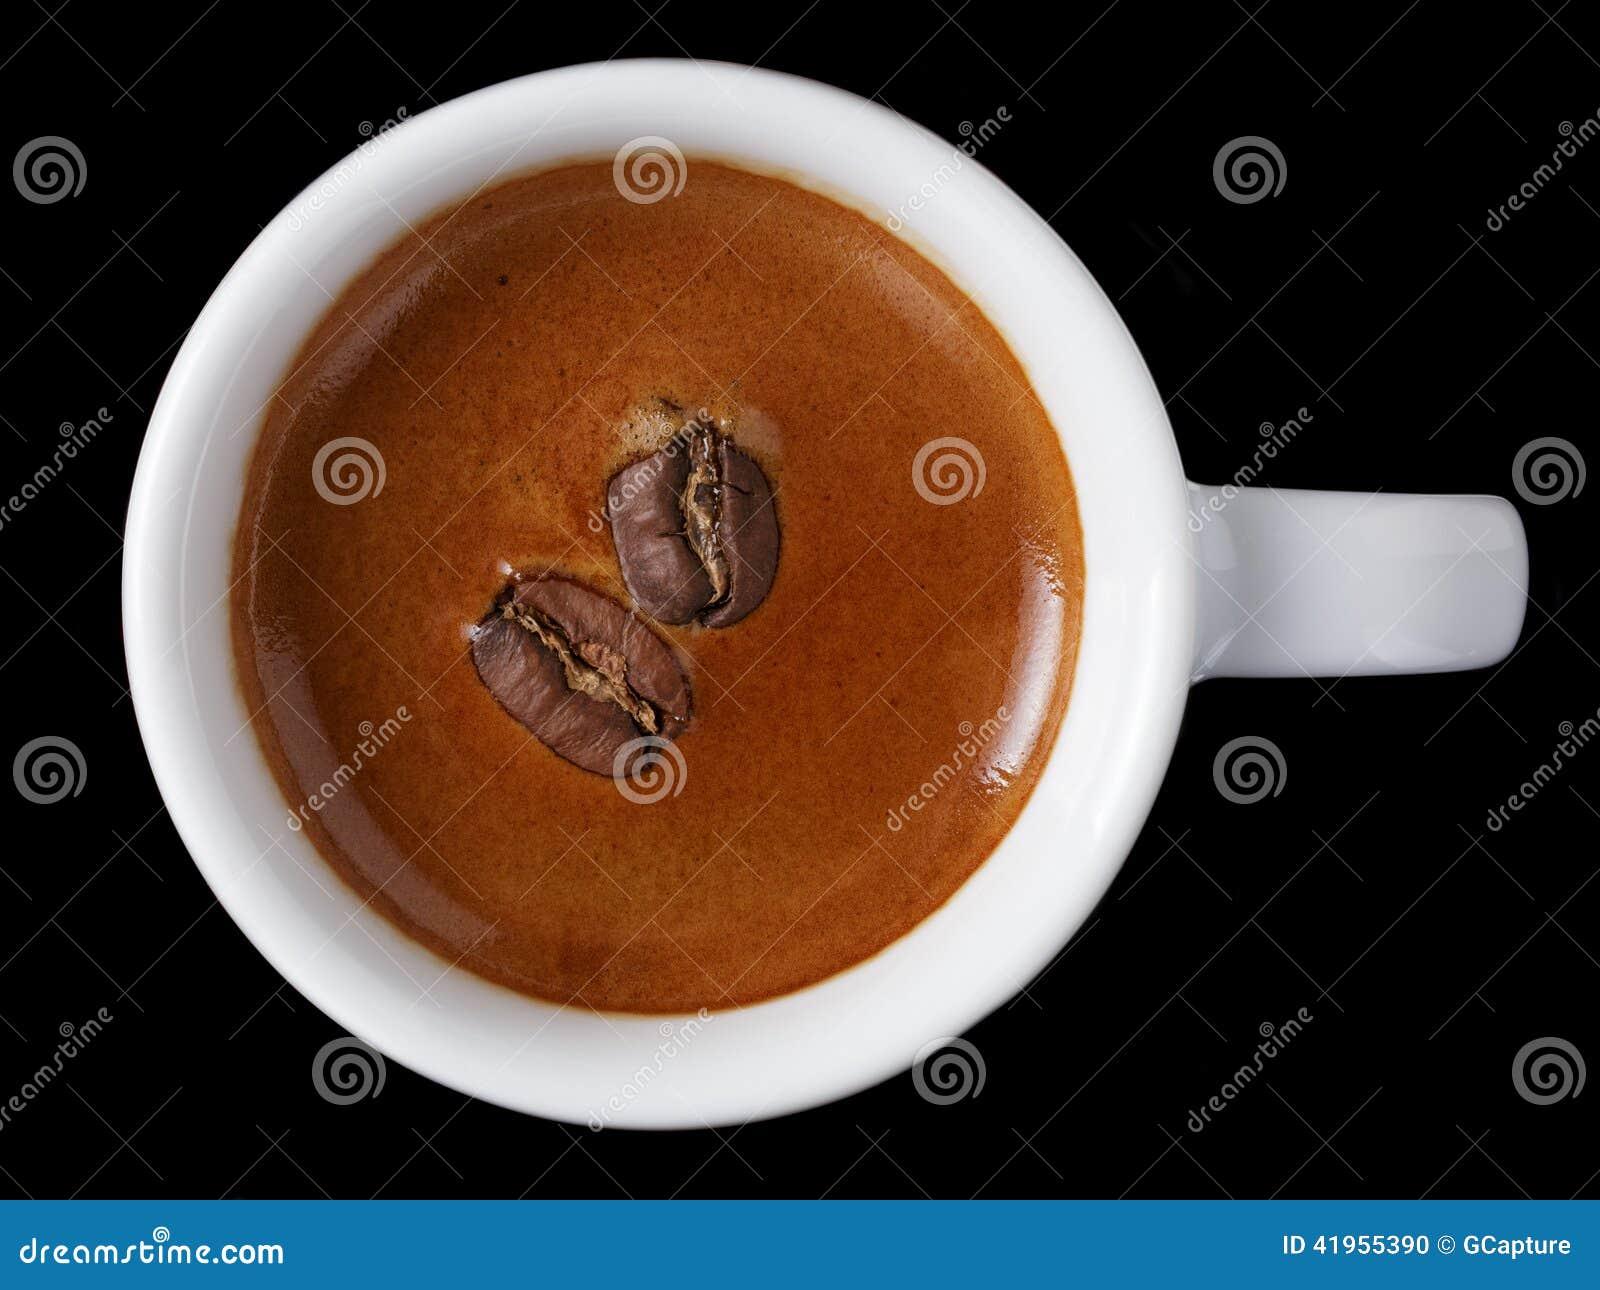 Prosta fili?anka ?wie?o robi? dwoista kawa espresso